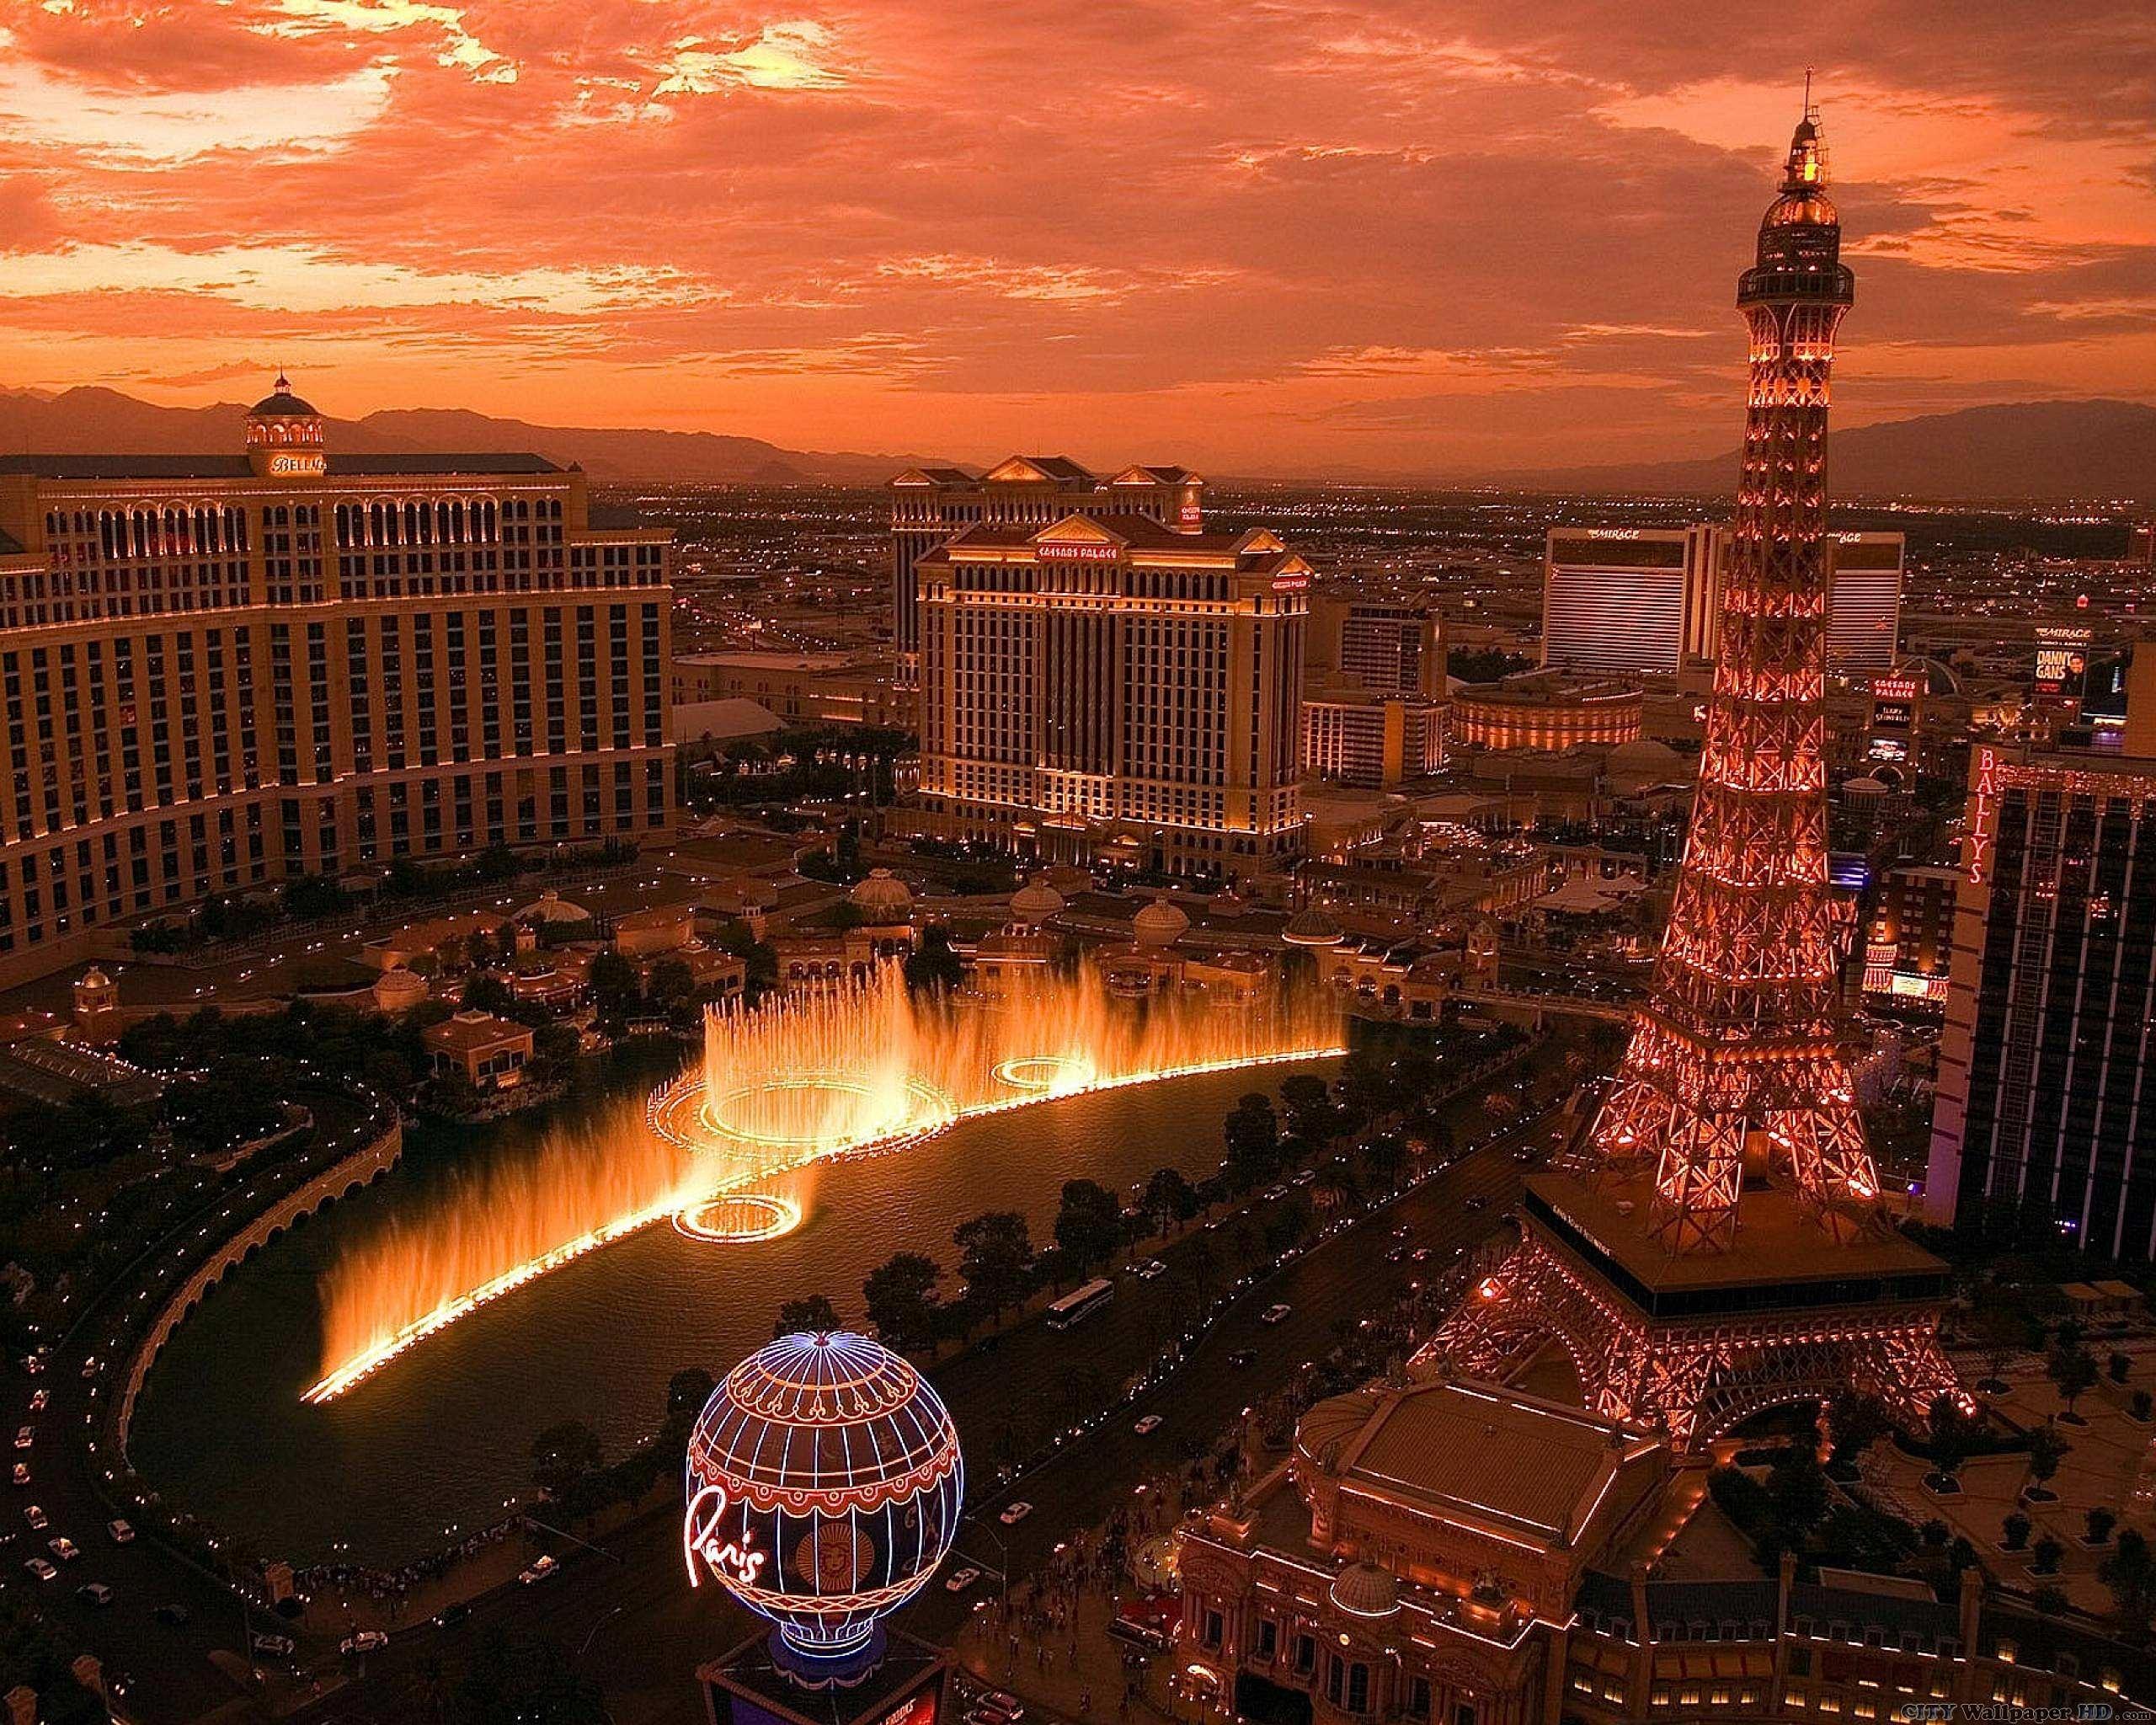 lever de soleil à las vegas. widescreen wallpaper villes du monde